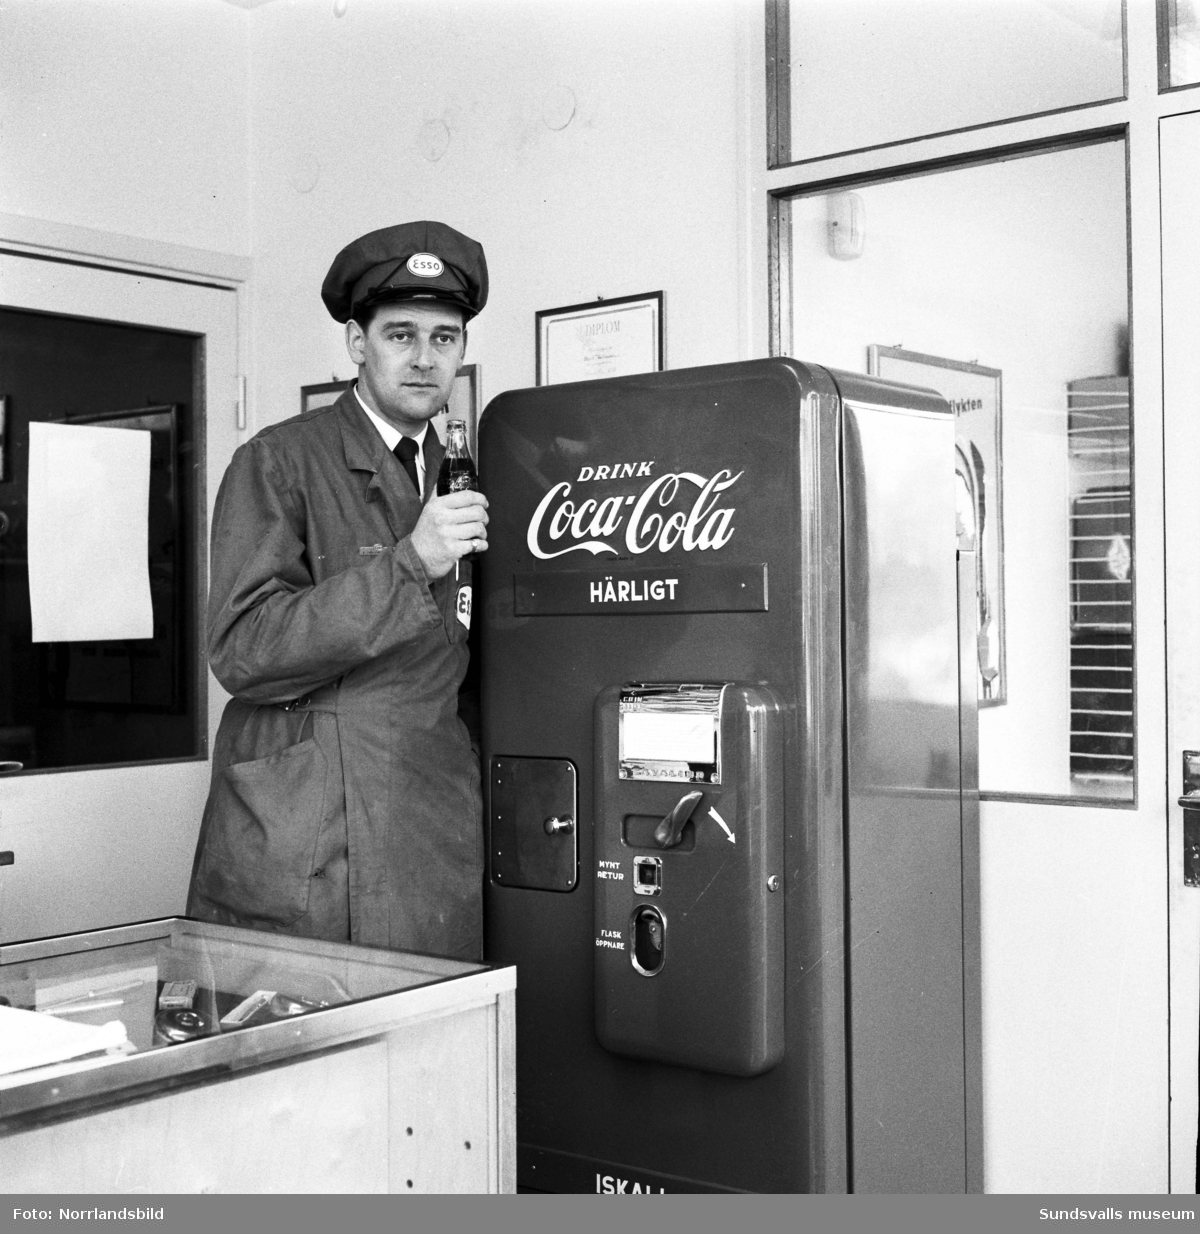 Föreståndaren på en Esso bensinstation demonstrerar en Coca-Cola-automat.